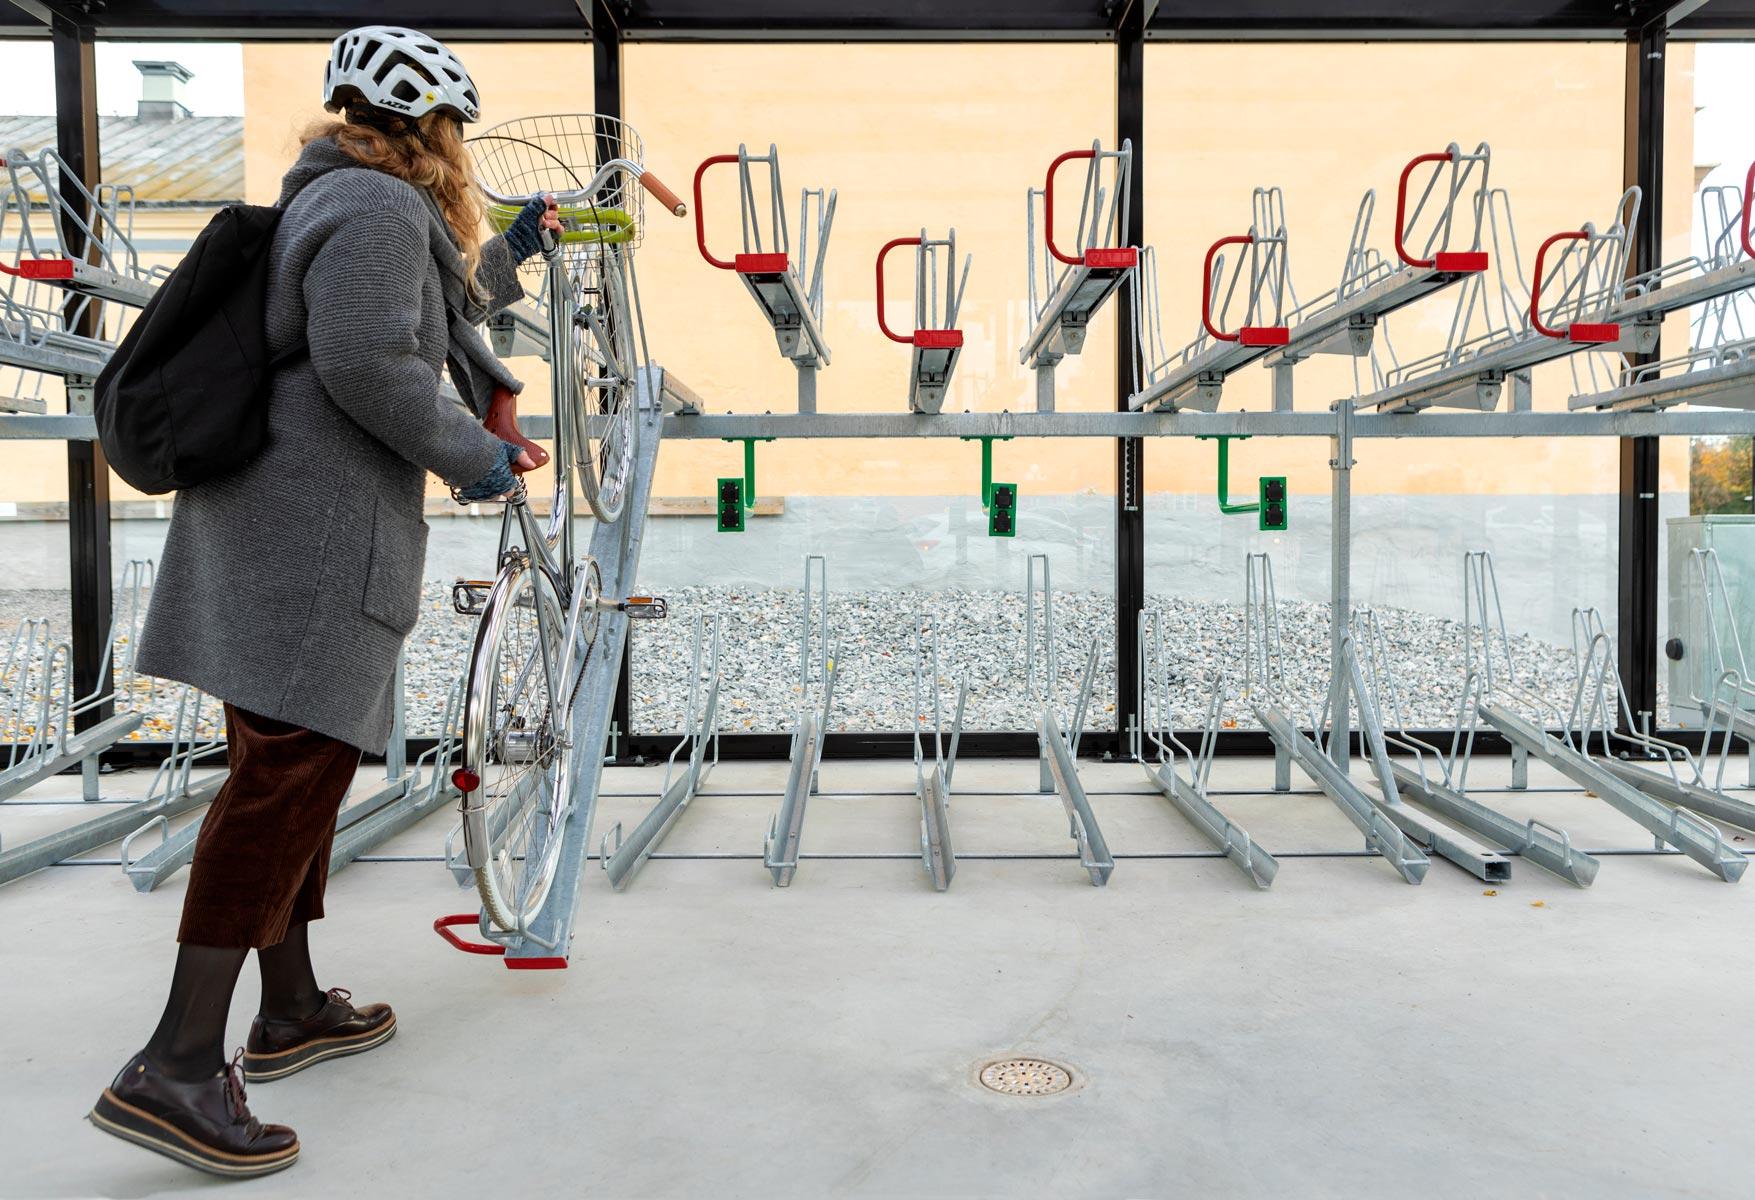 Tvåvåningsställ i cykelgarage